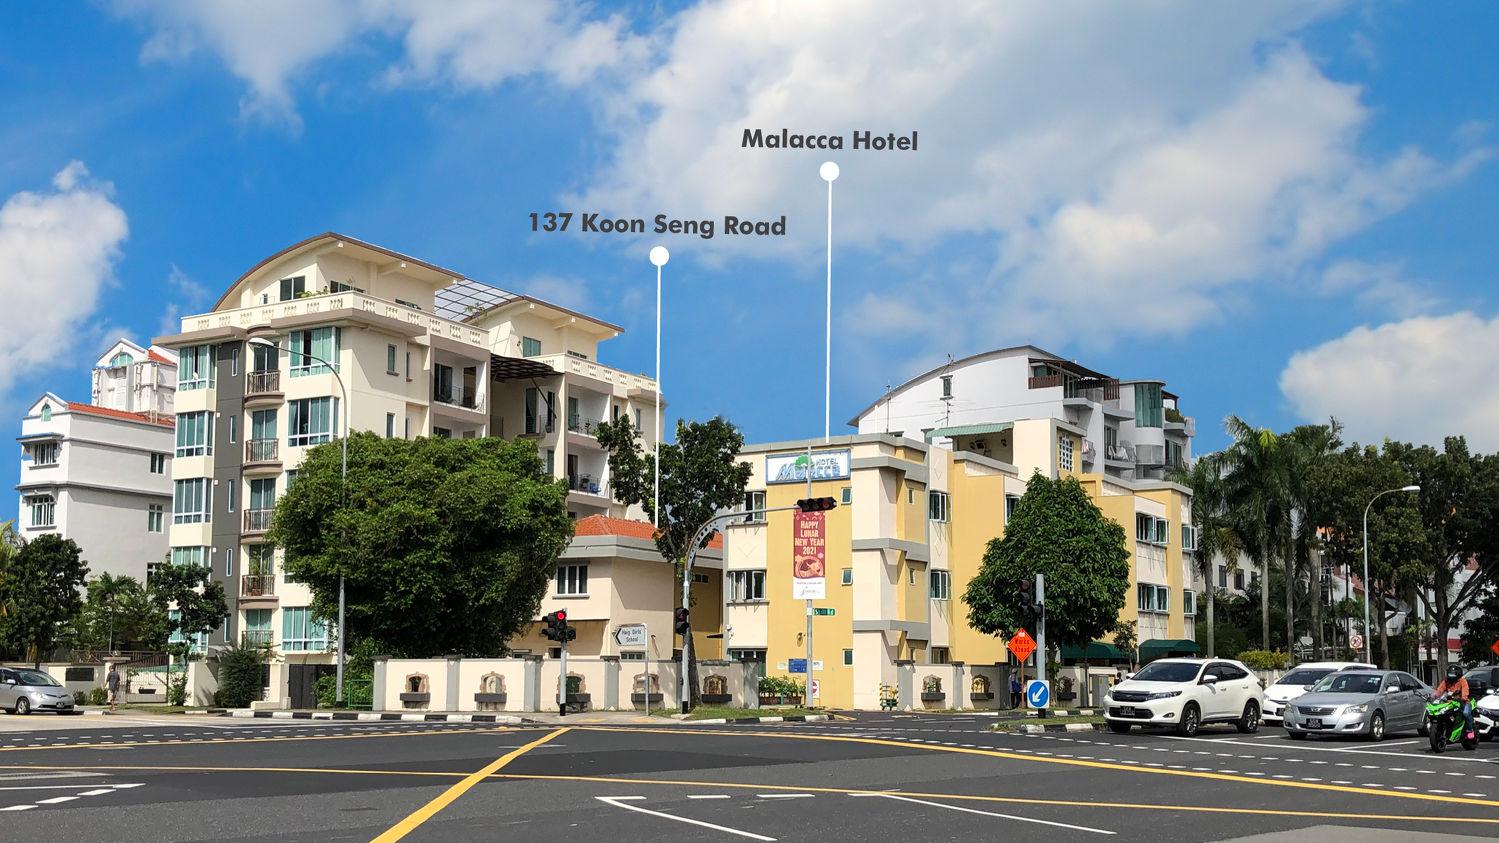 adjoining sites - EDGEPROP SINGAPORE